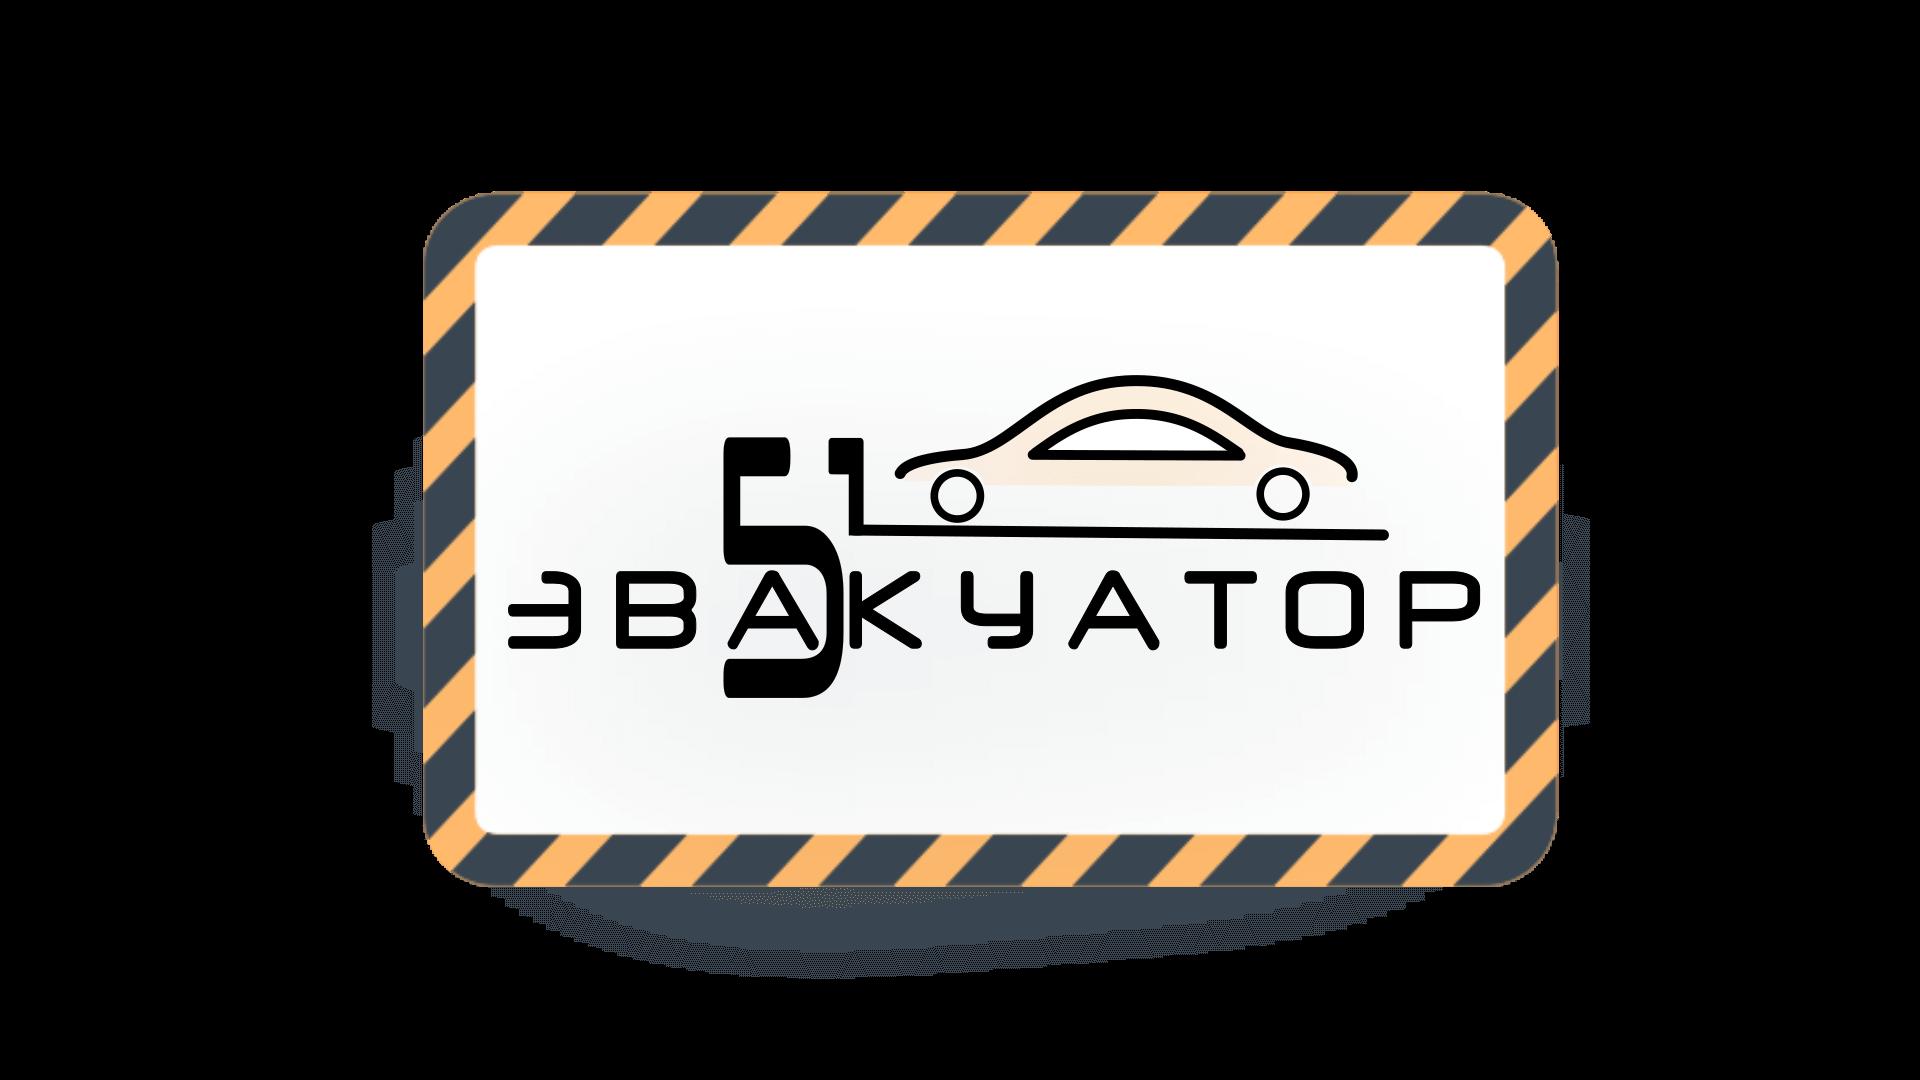 Эвакуатор в Мурманске